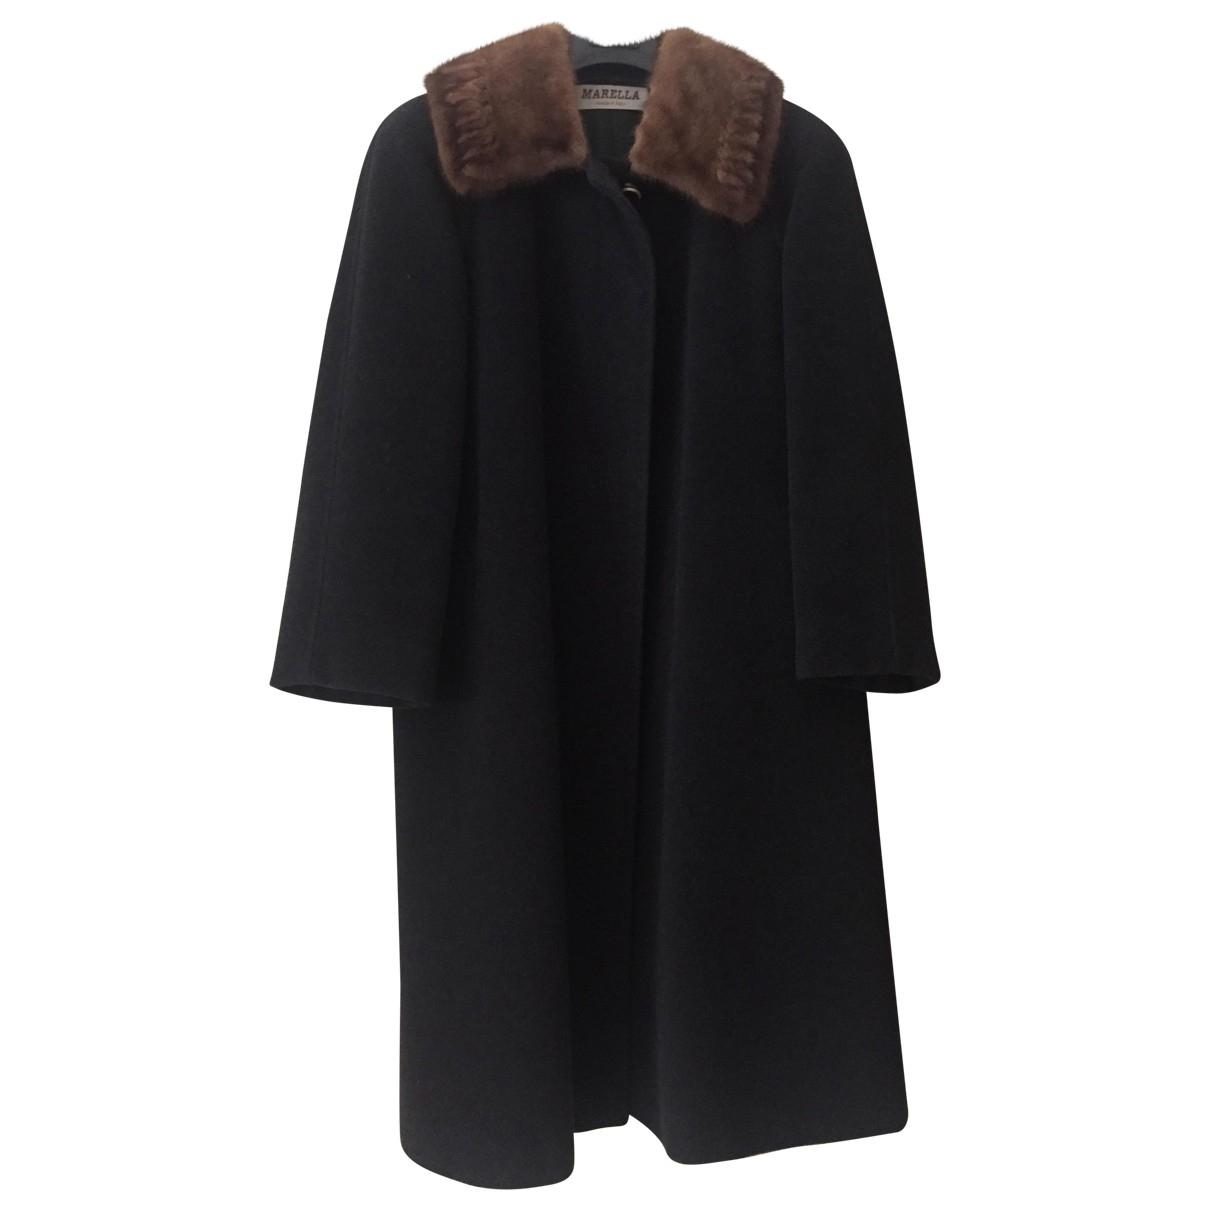 Marella - Manteau   pour femme en laine - anthracite